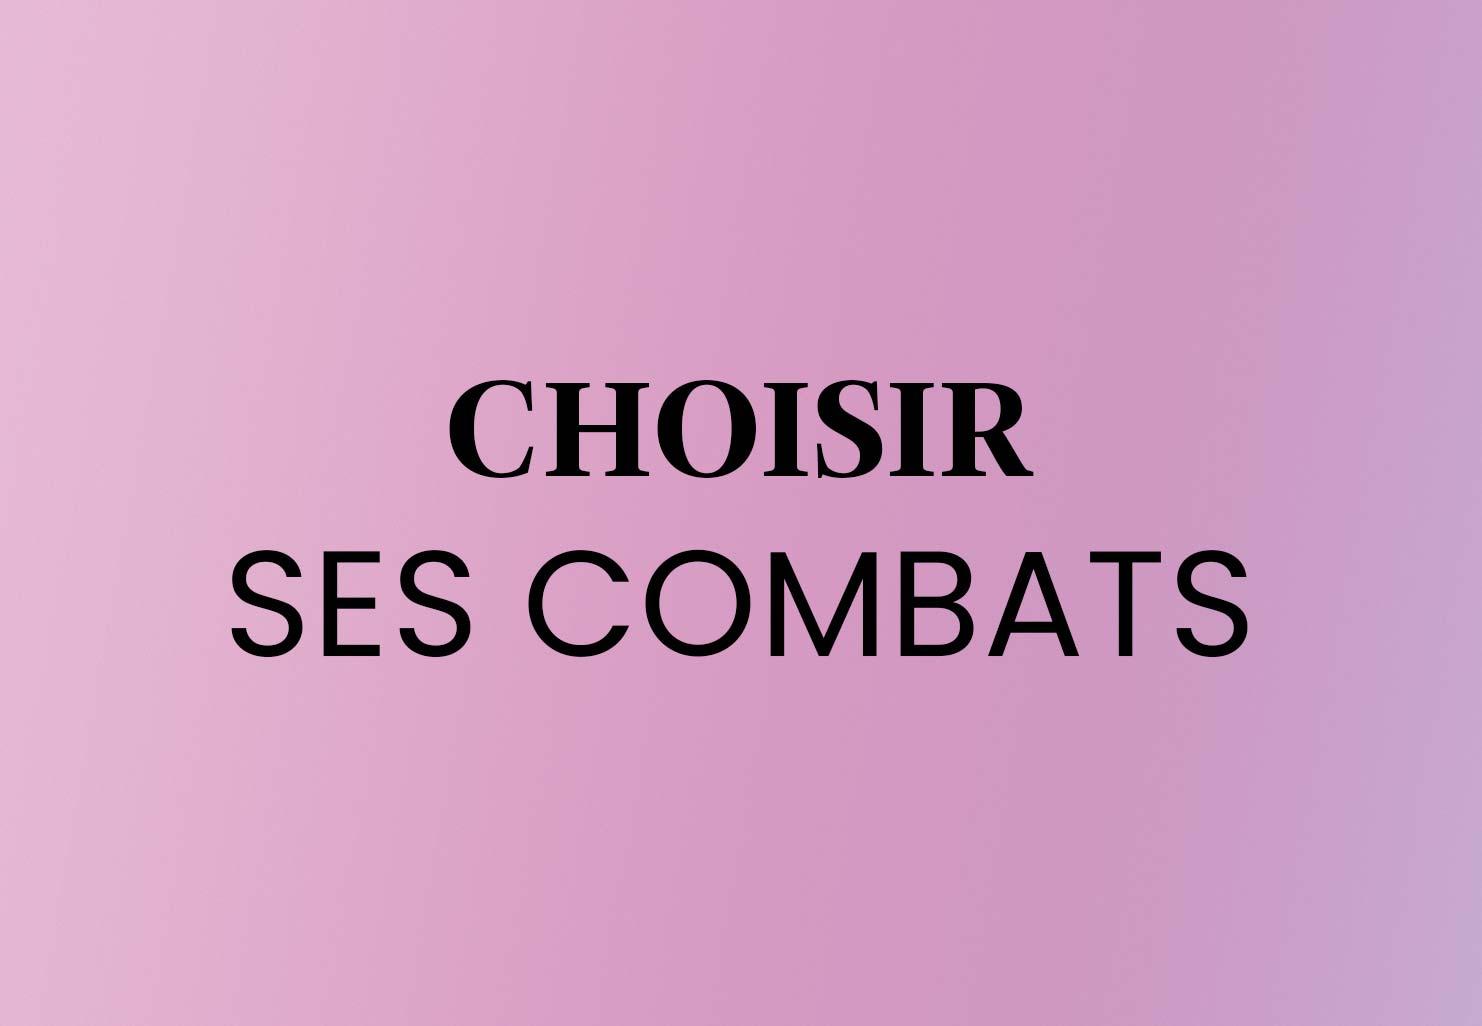 Choisir ses combats